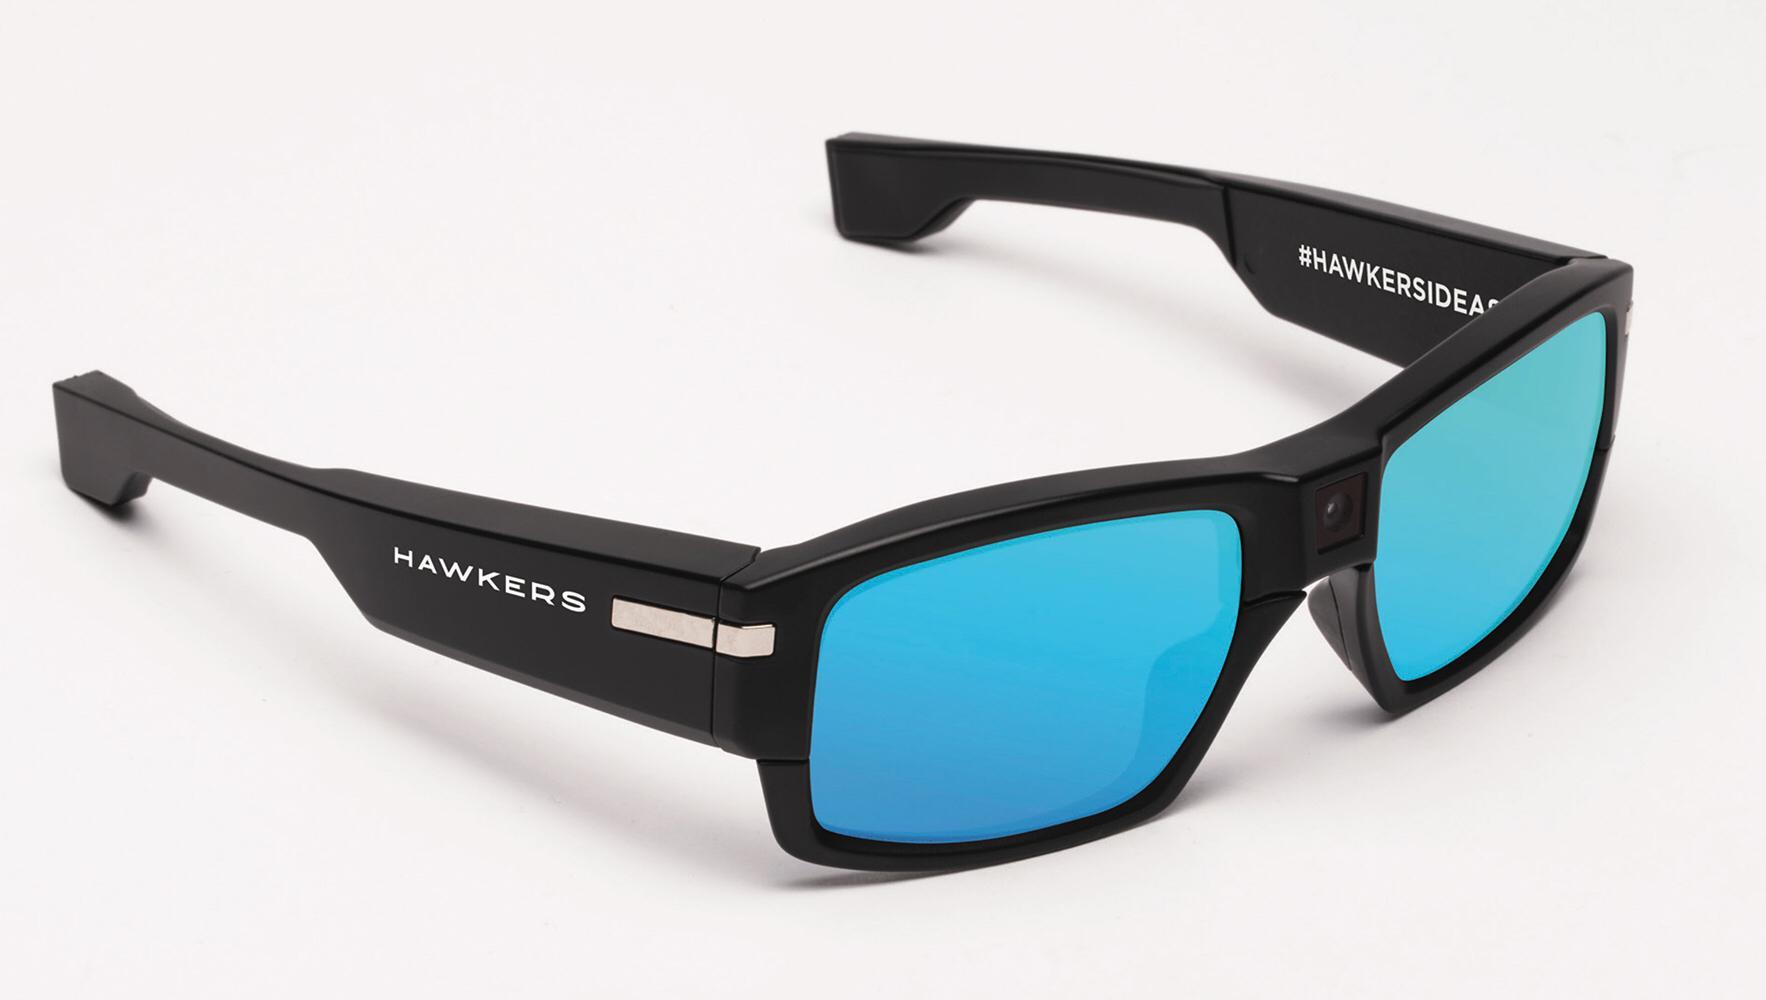 42b5617e2a Llega la competencia a Spectacles: las nuevas gafas de Hawkers ...